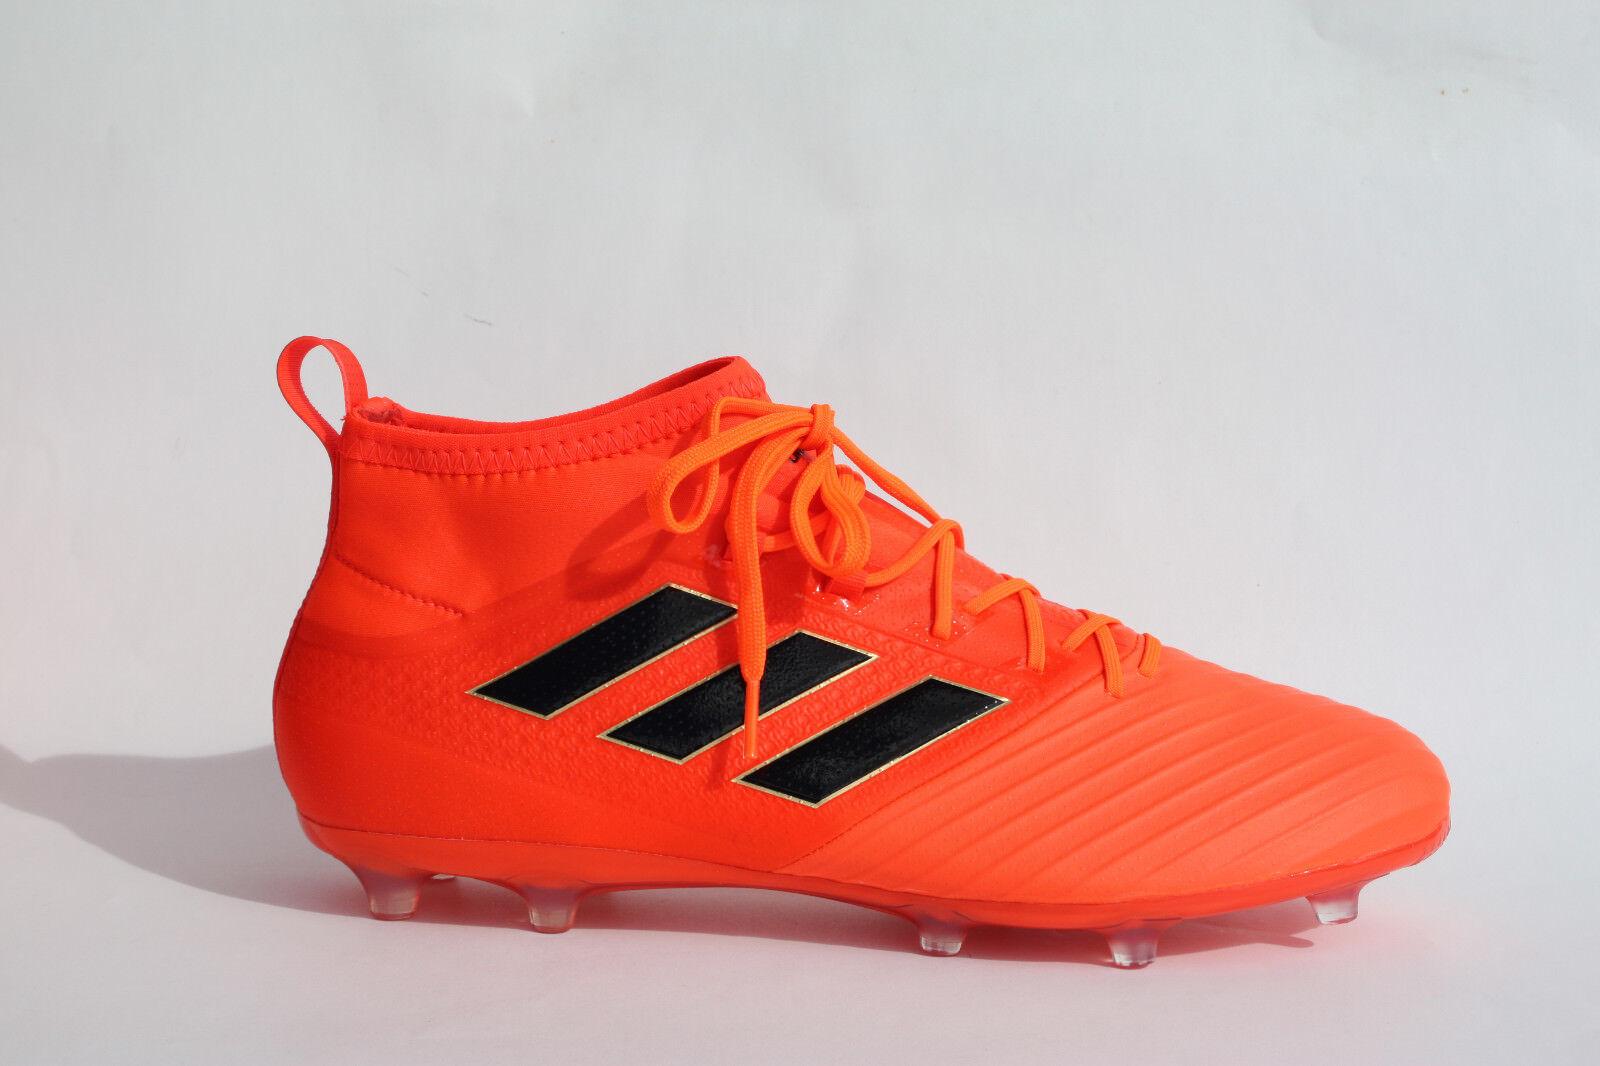 Adidas ACE 17.3 FG-S77065-naranja al por menor   80.00 venta caliente   56.00